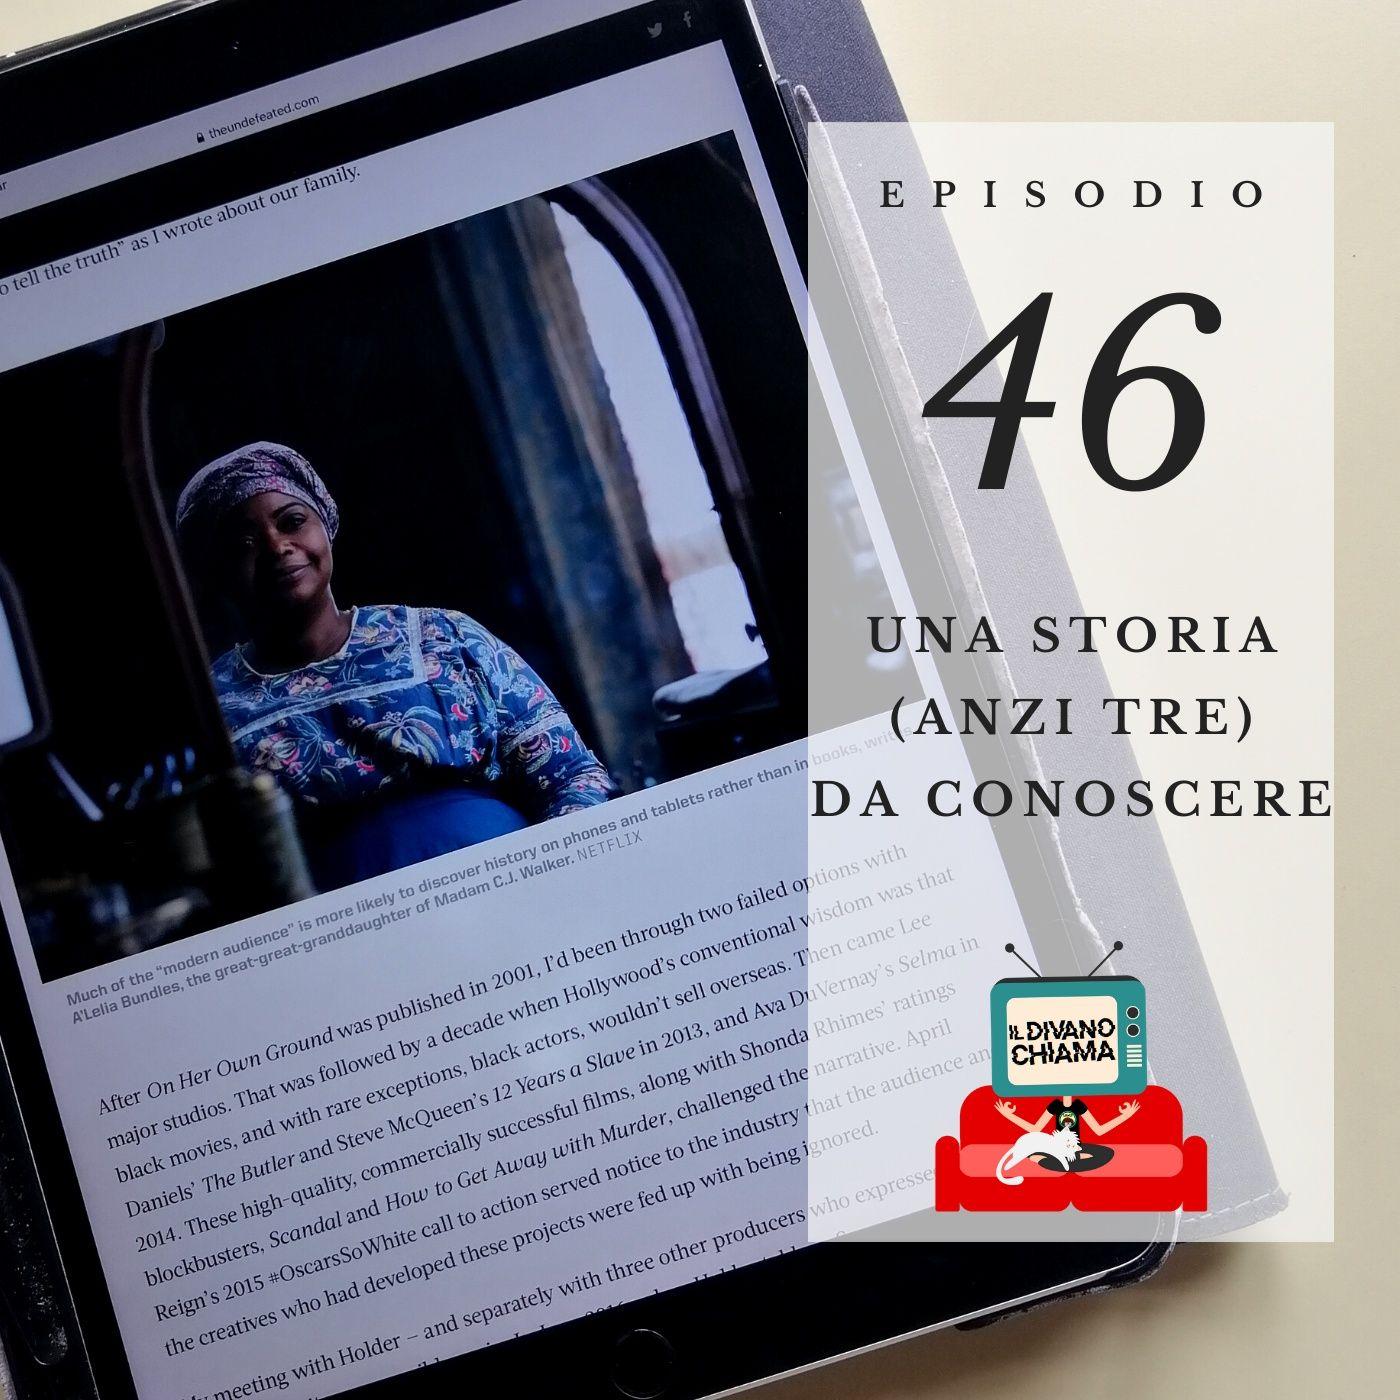 Puntata 46 - Una storia (anzi tre) da conoscere